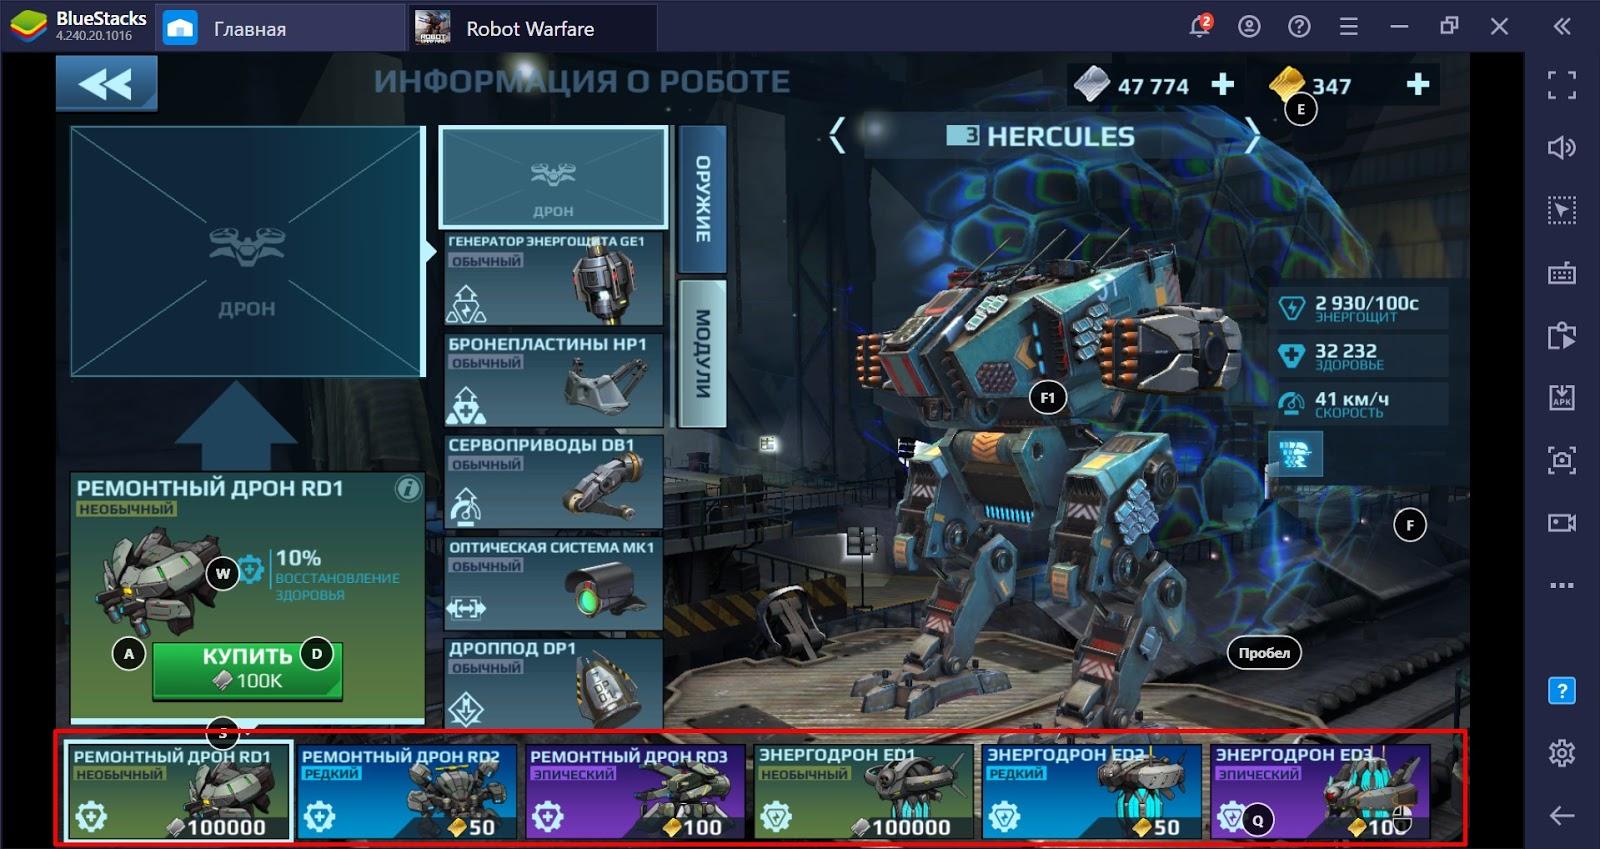 Robot Warfare. Обзорный гайд о механике боя, прокачке и валюте